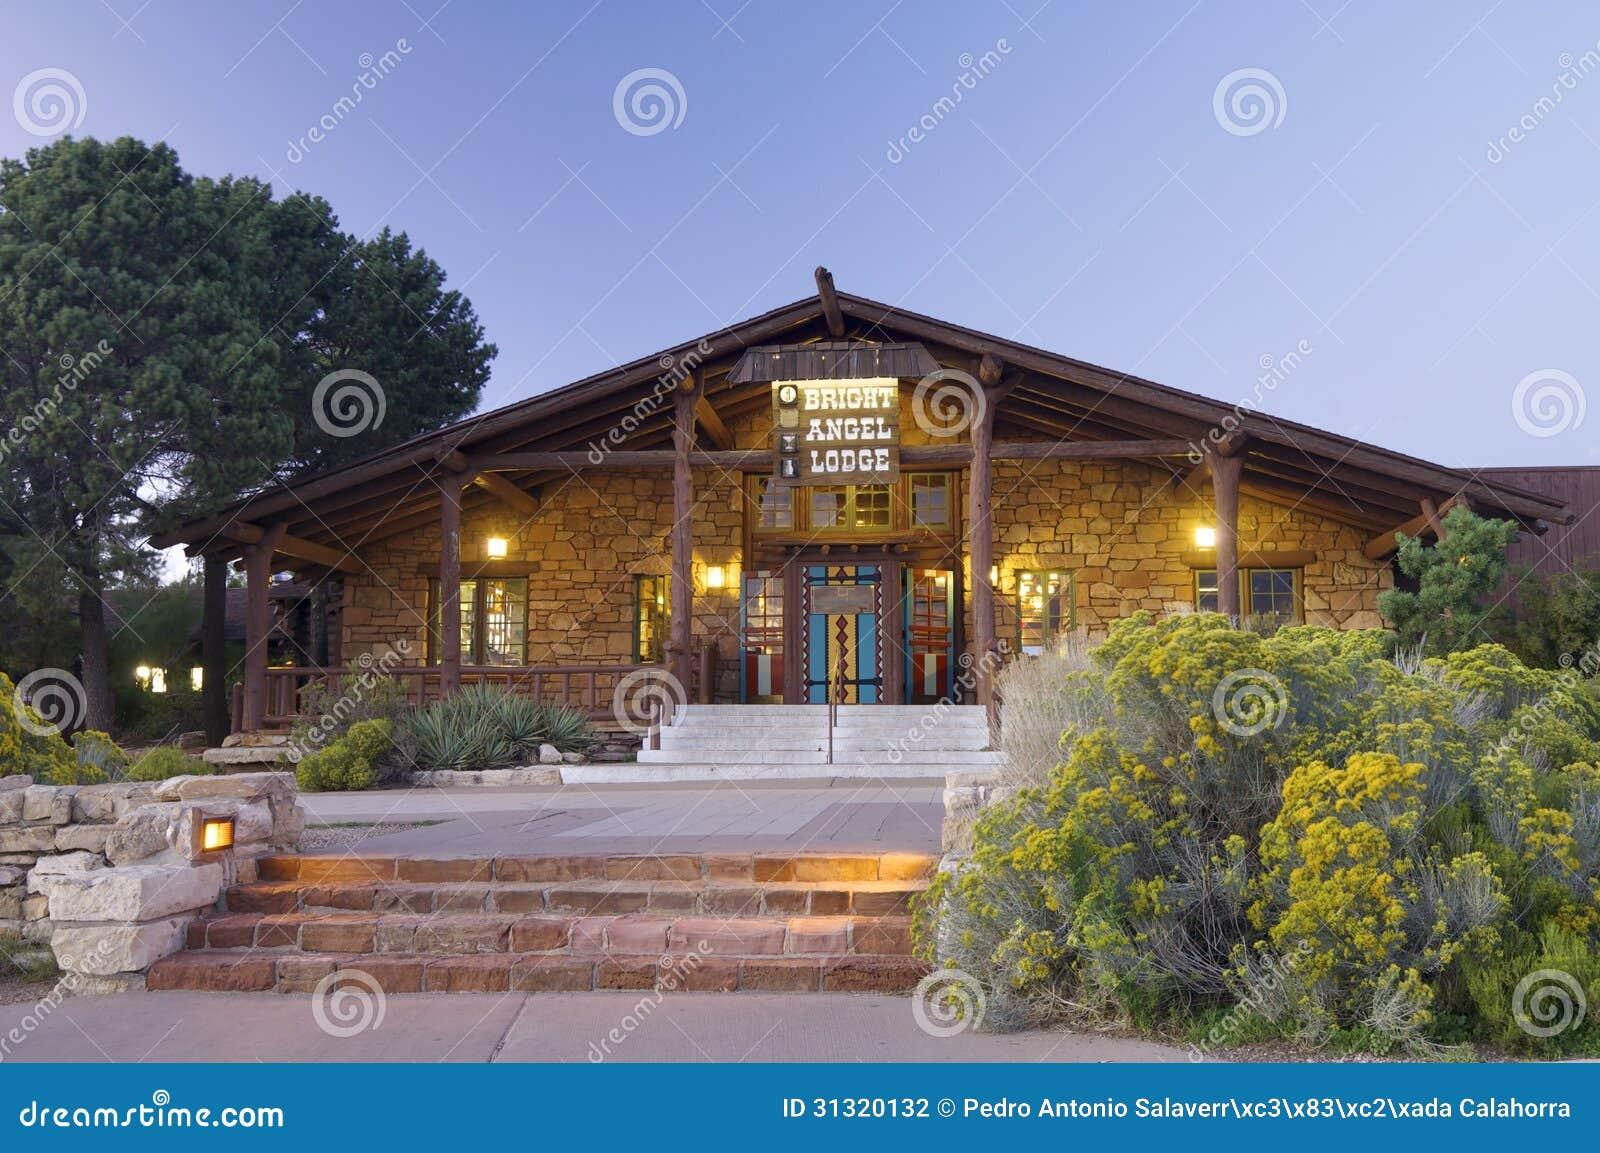 Helder Angel Lodge